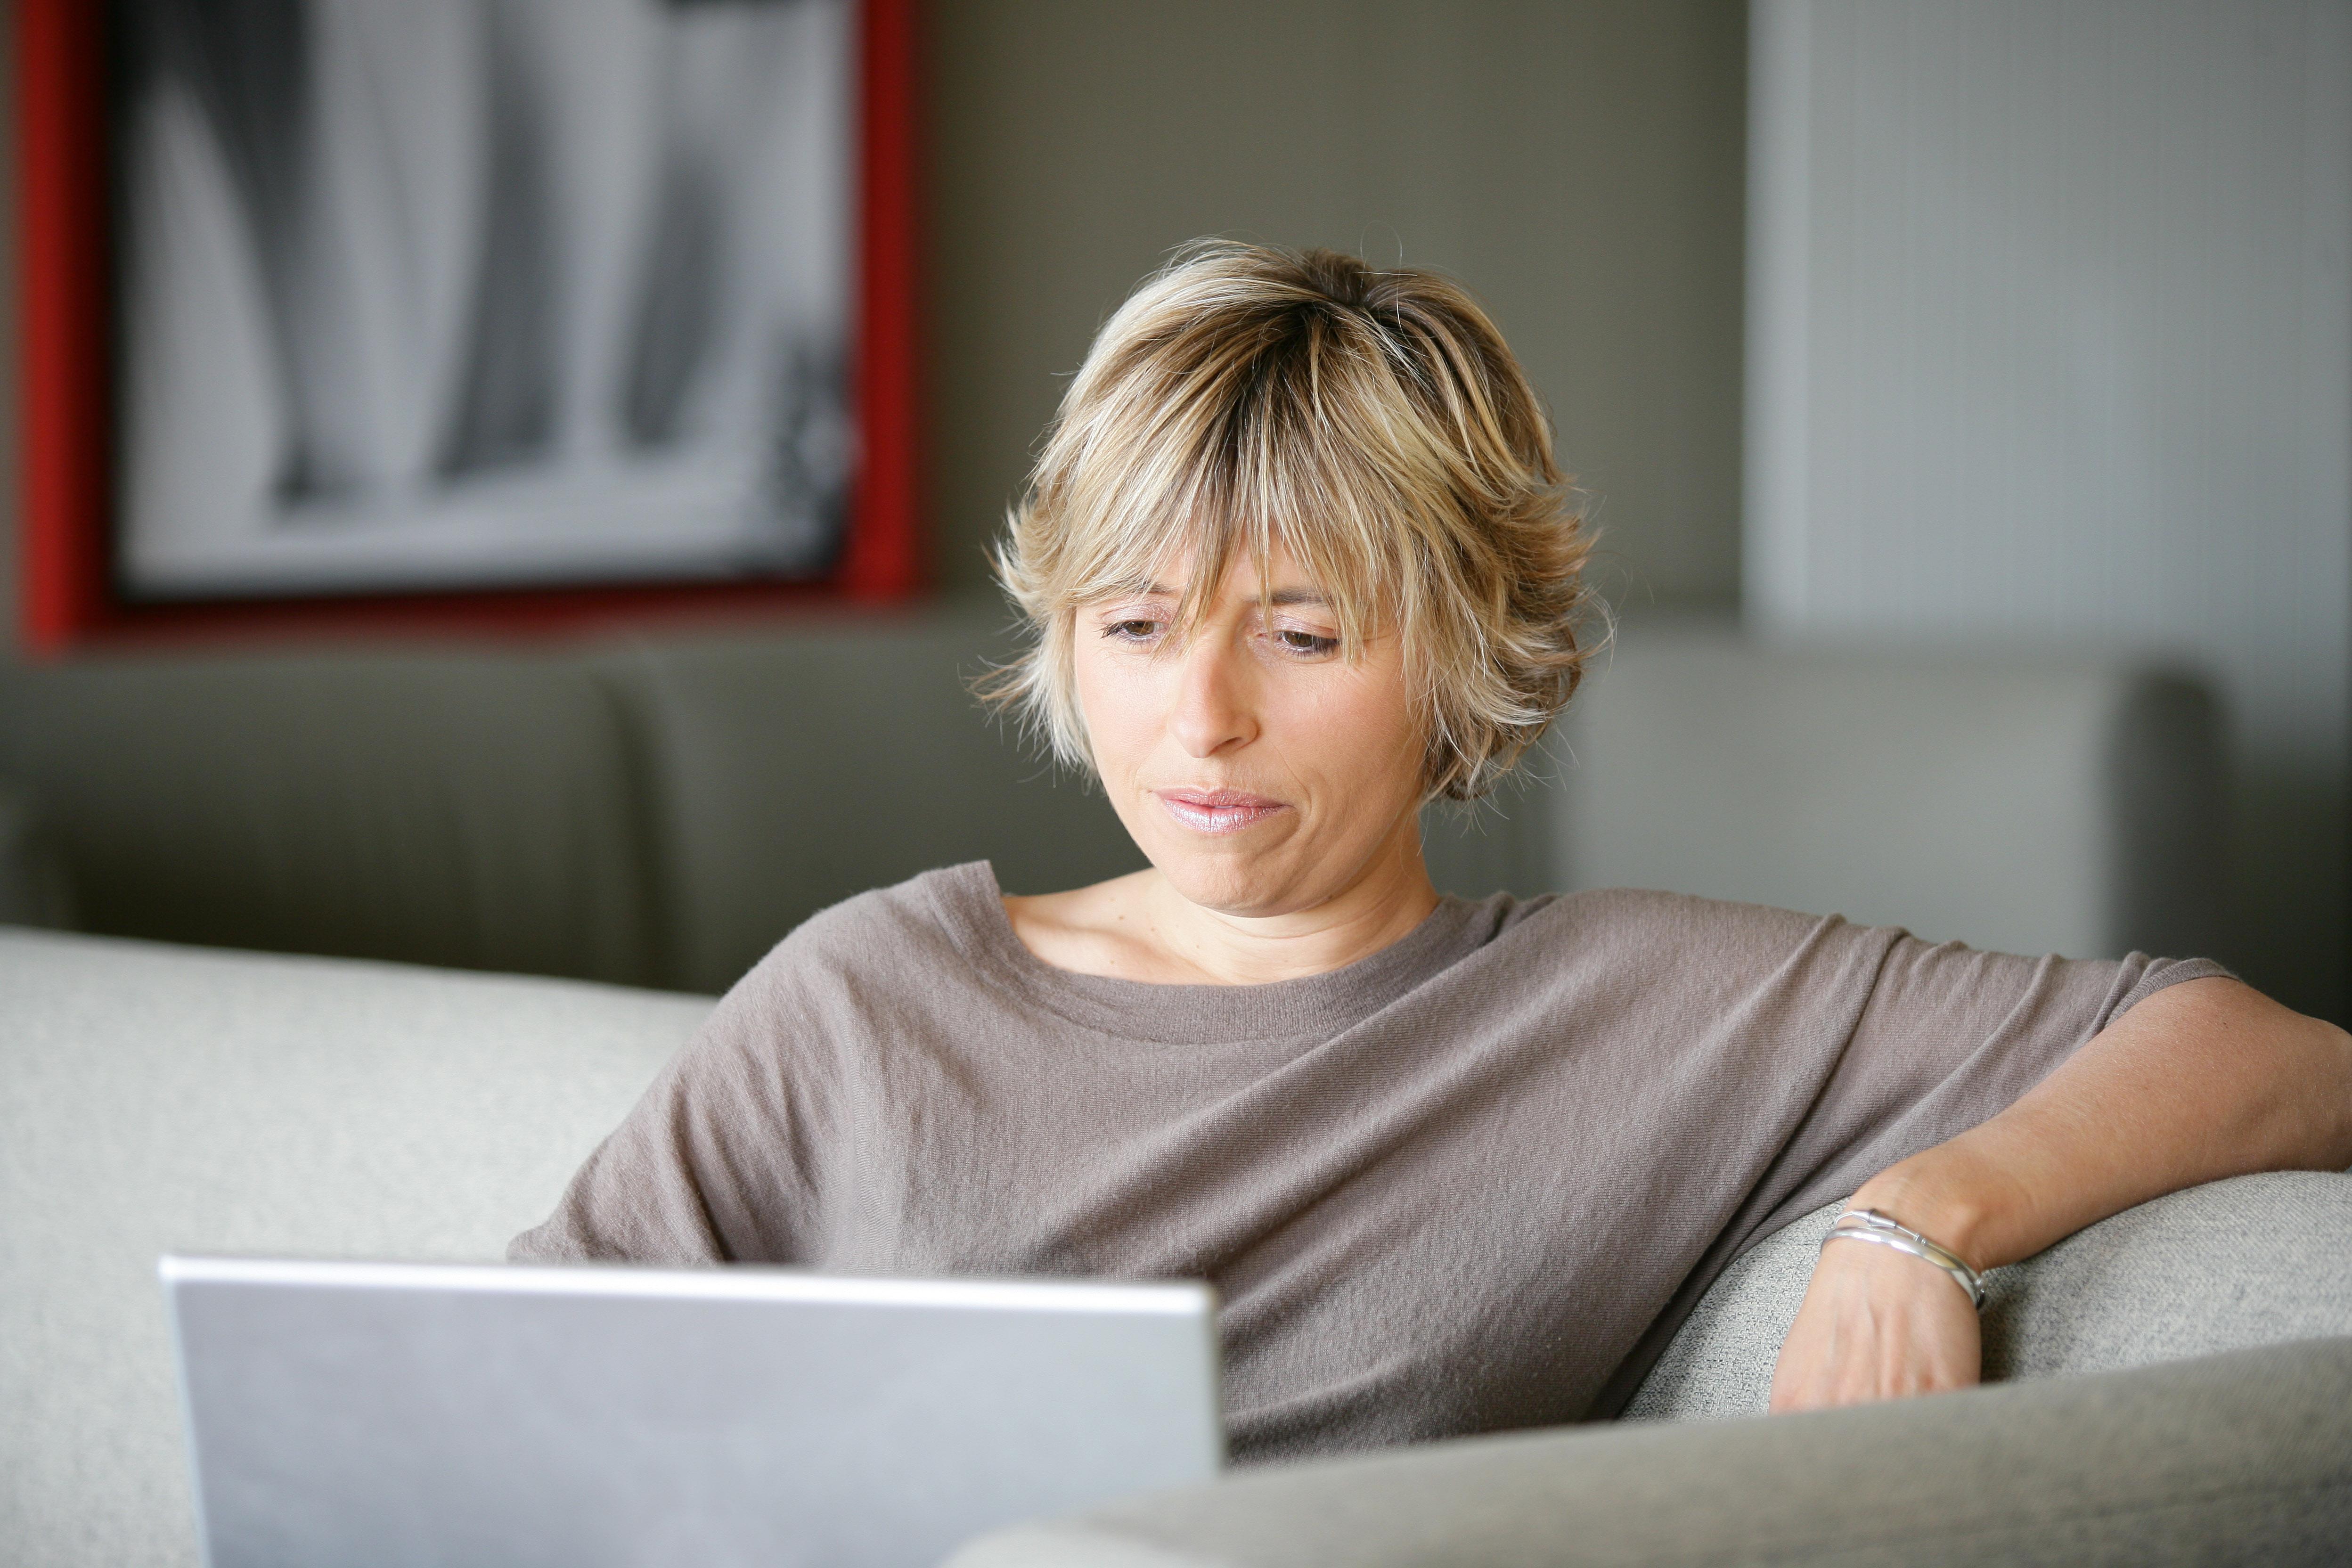 Kvinde tjekker mail i sofa